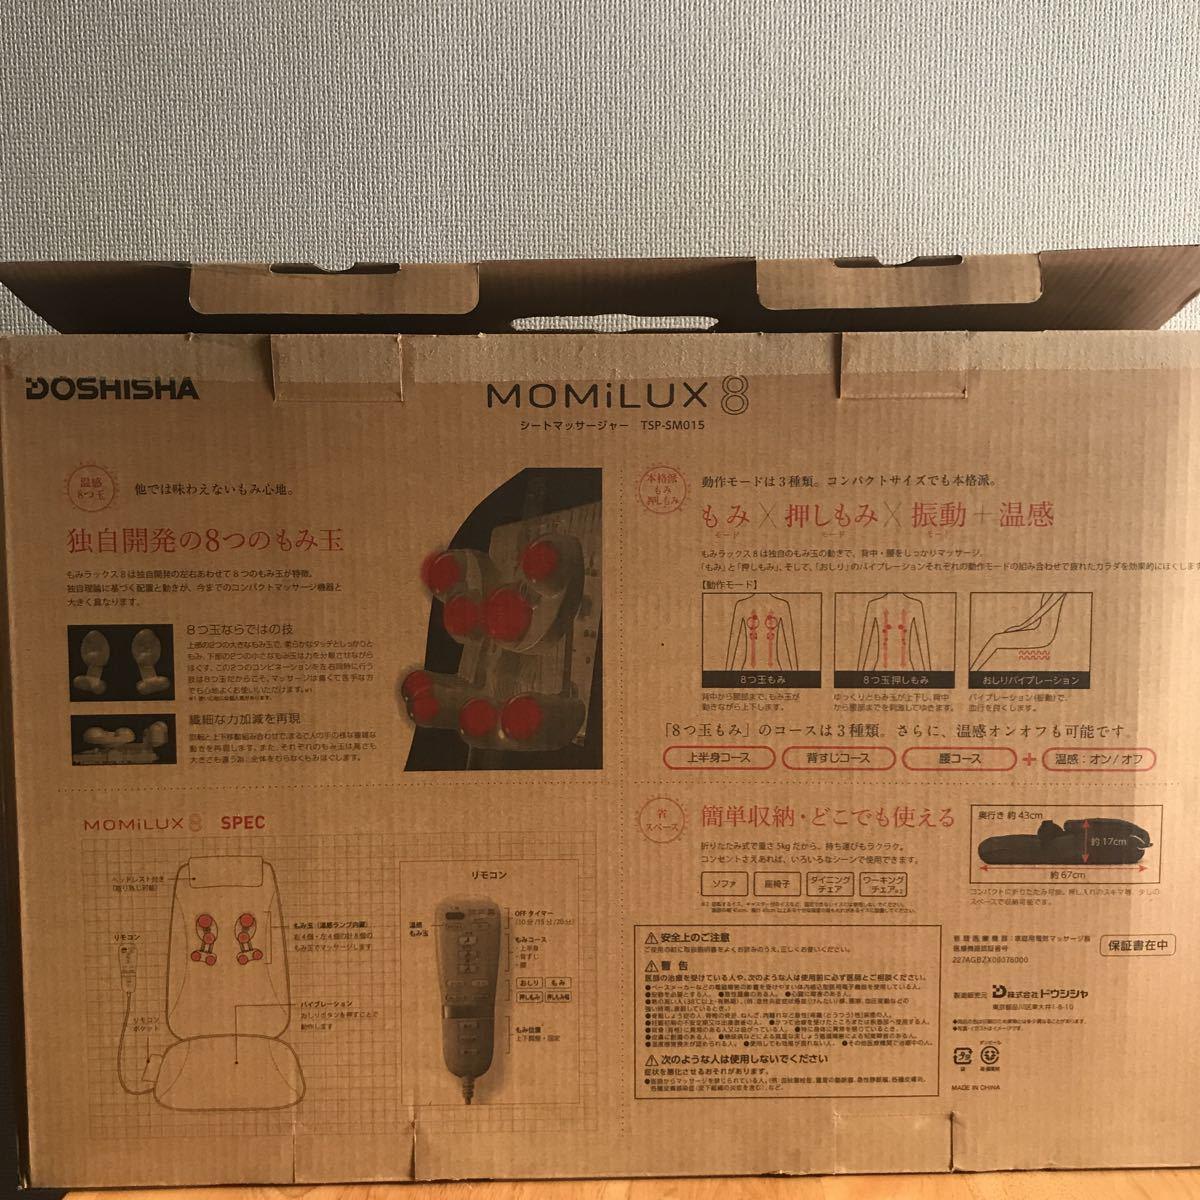 マッサージシート MOMiLUX8 DMS-1501BR ブラウン 中古美品_画像7